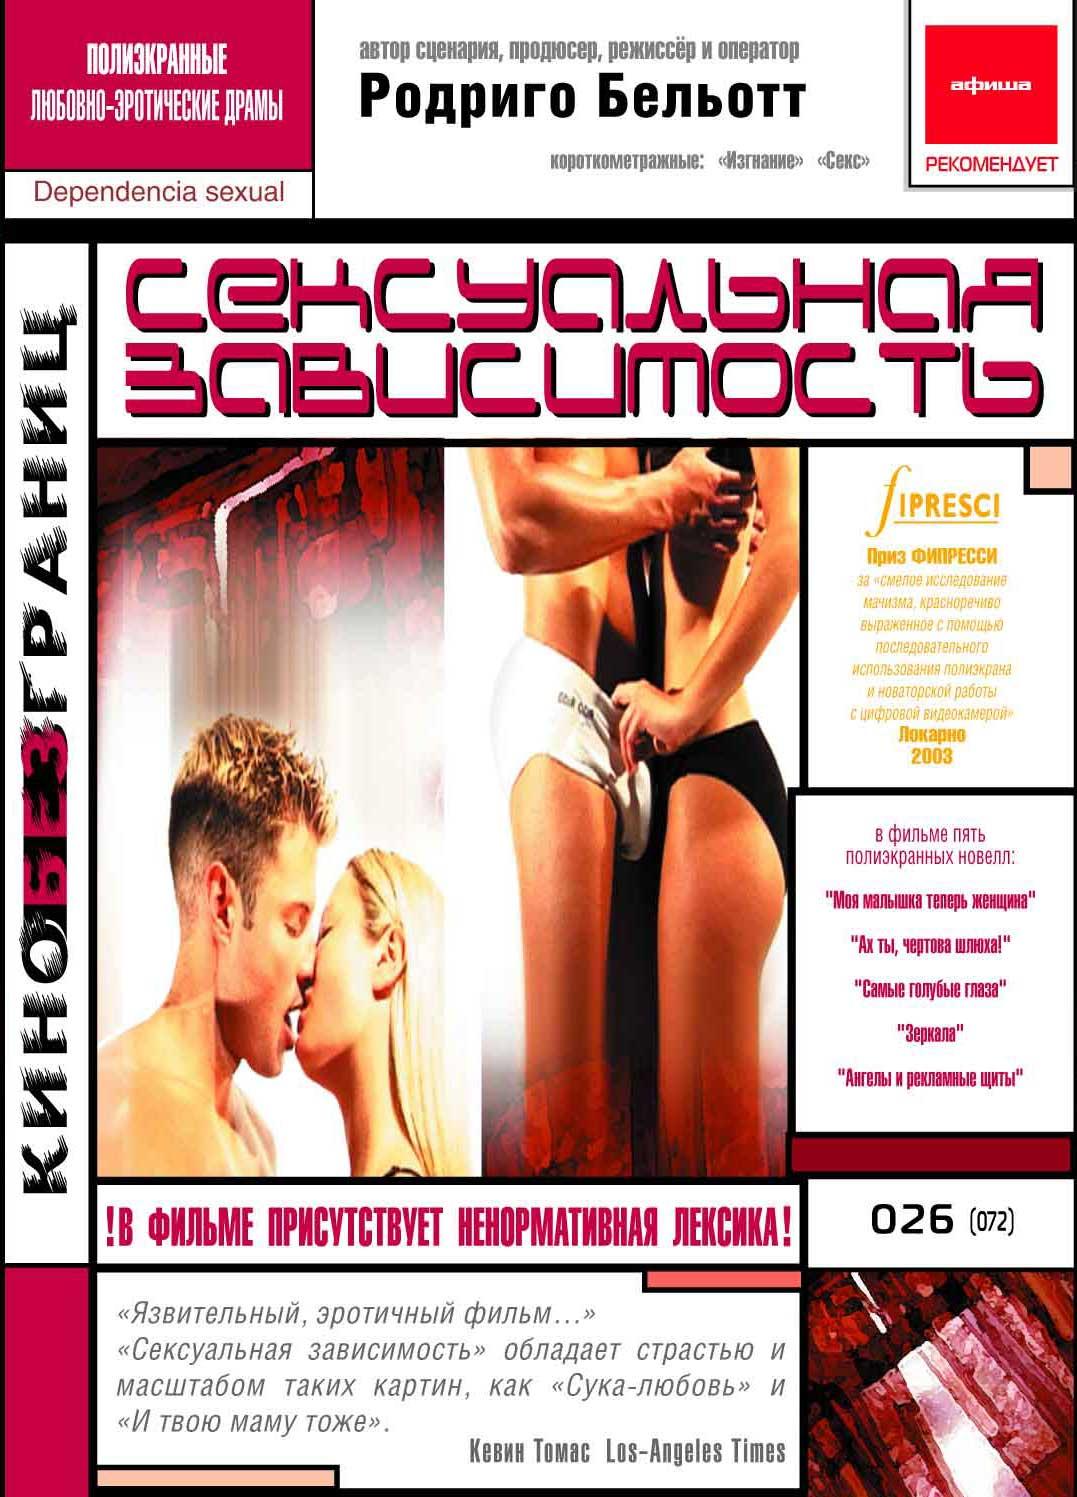 sayt-eroticheskih-filmov